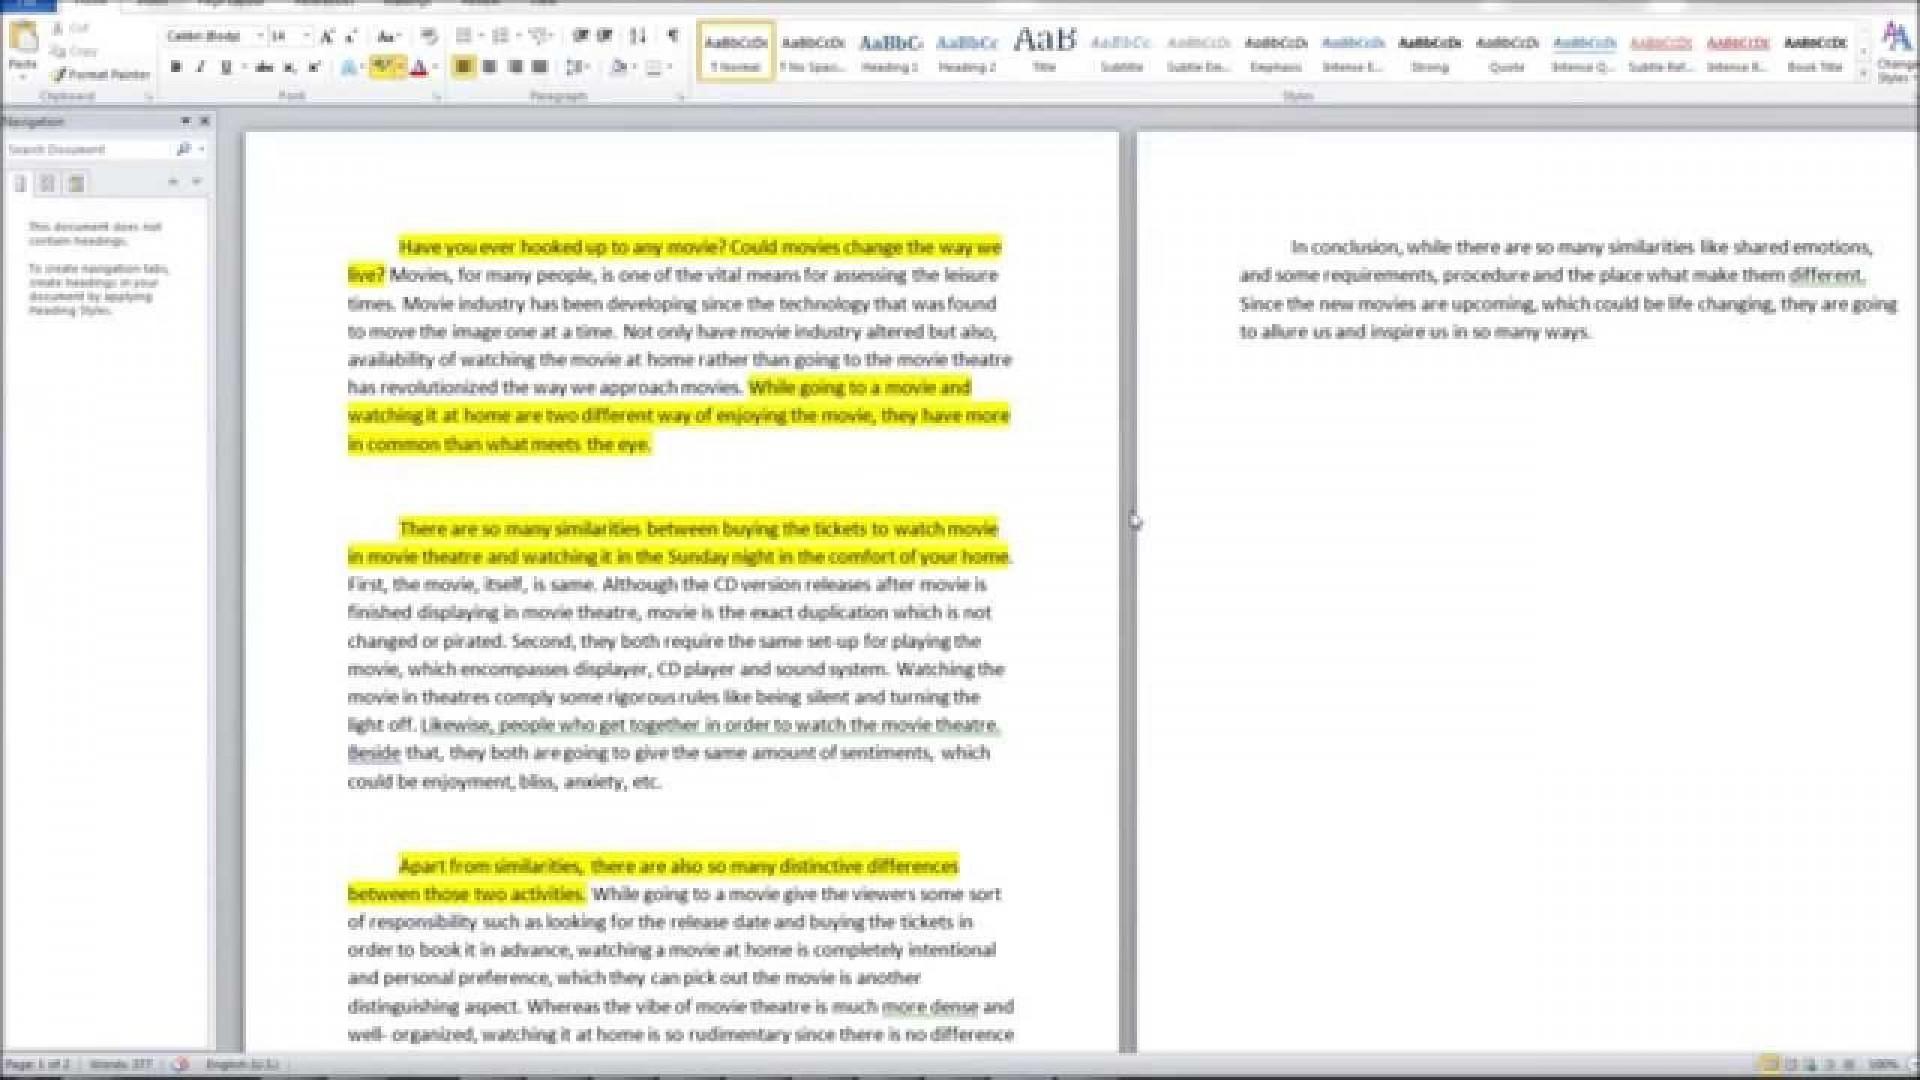 008 Compare Contrast Essay Examples Example Unusual High School Vs College Comparison Pdf And Topics 6th Grade 1920